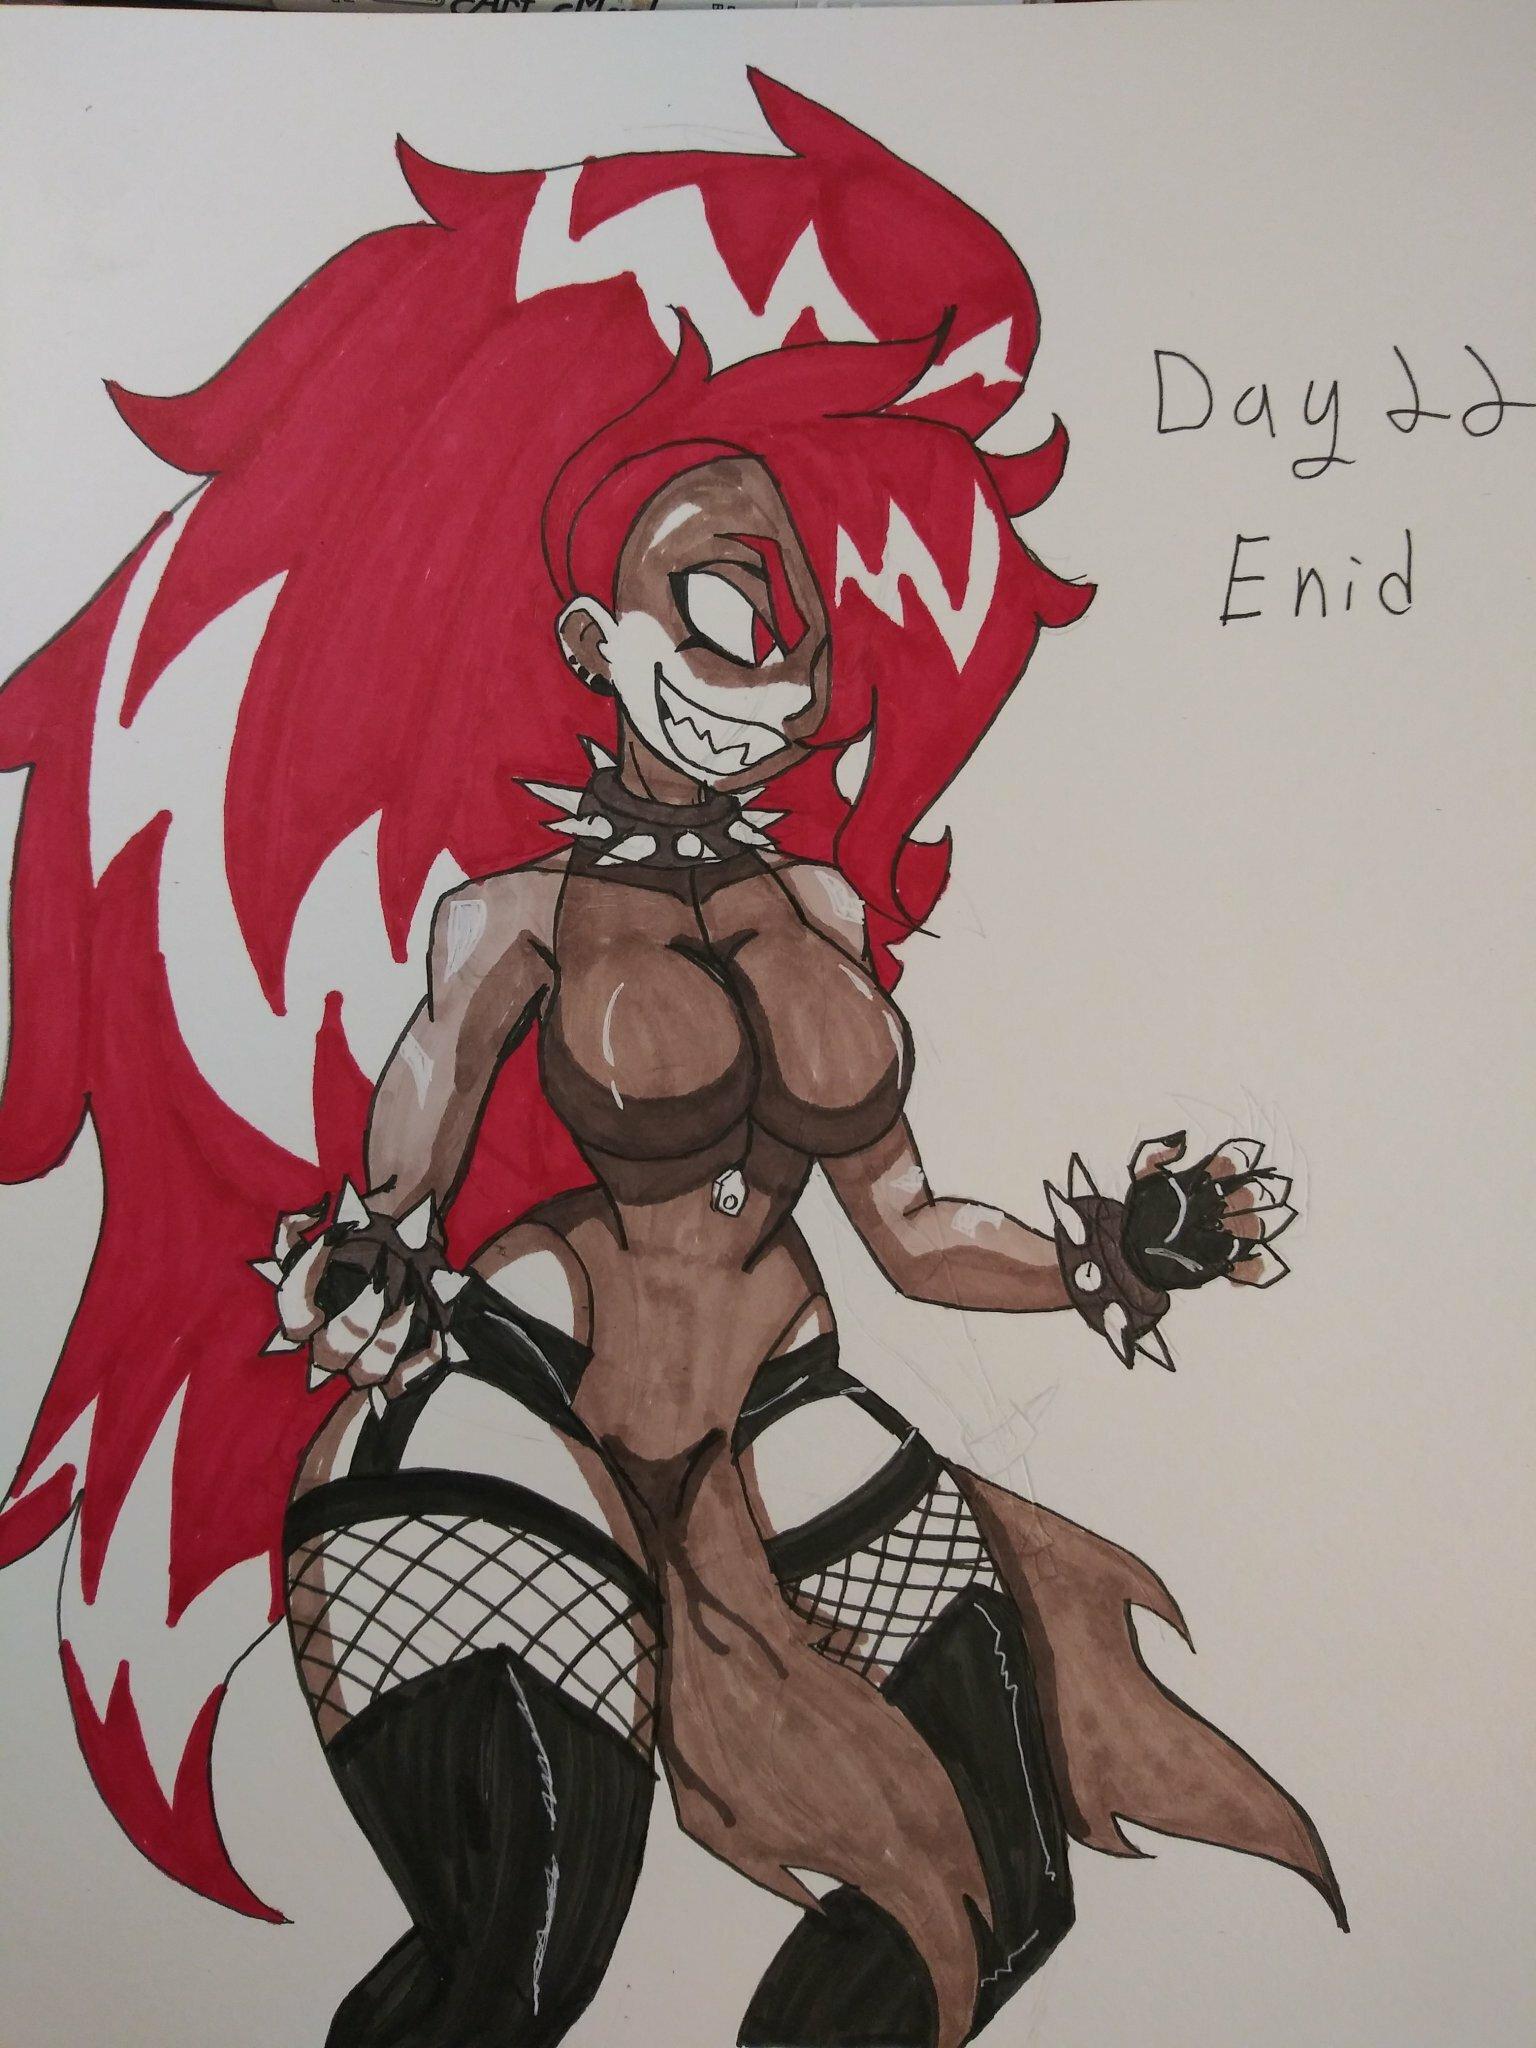 Gothtober day 22- Enid